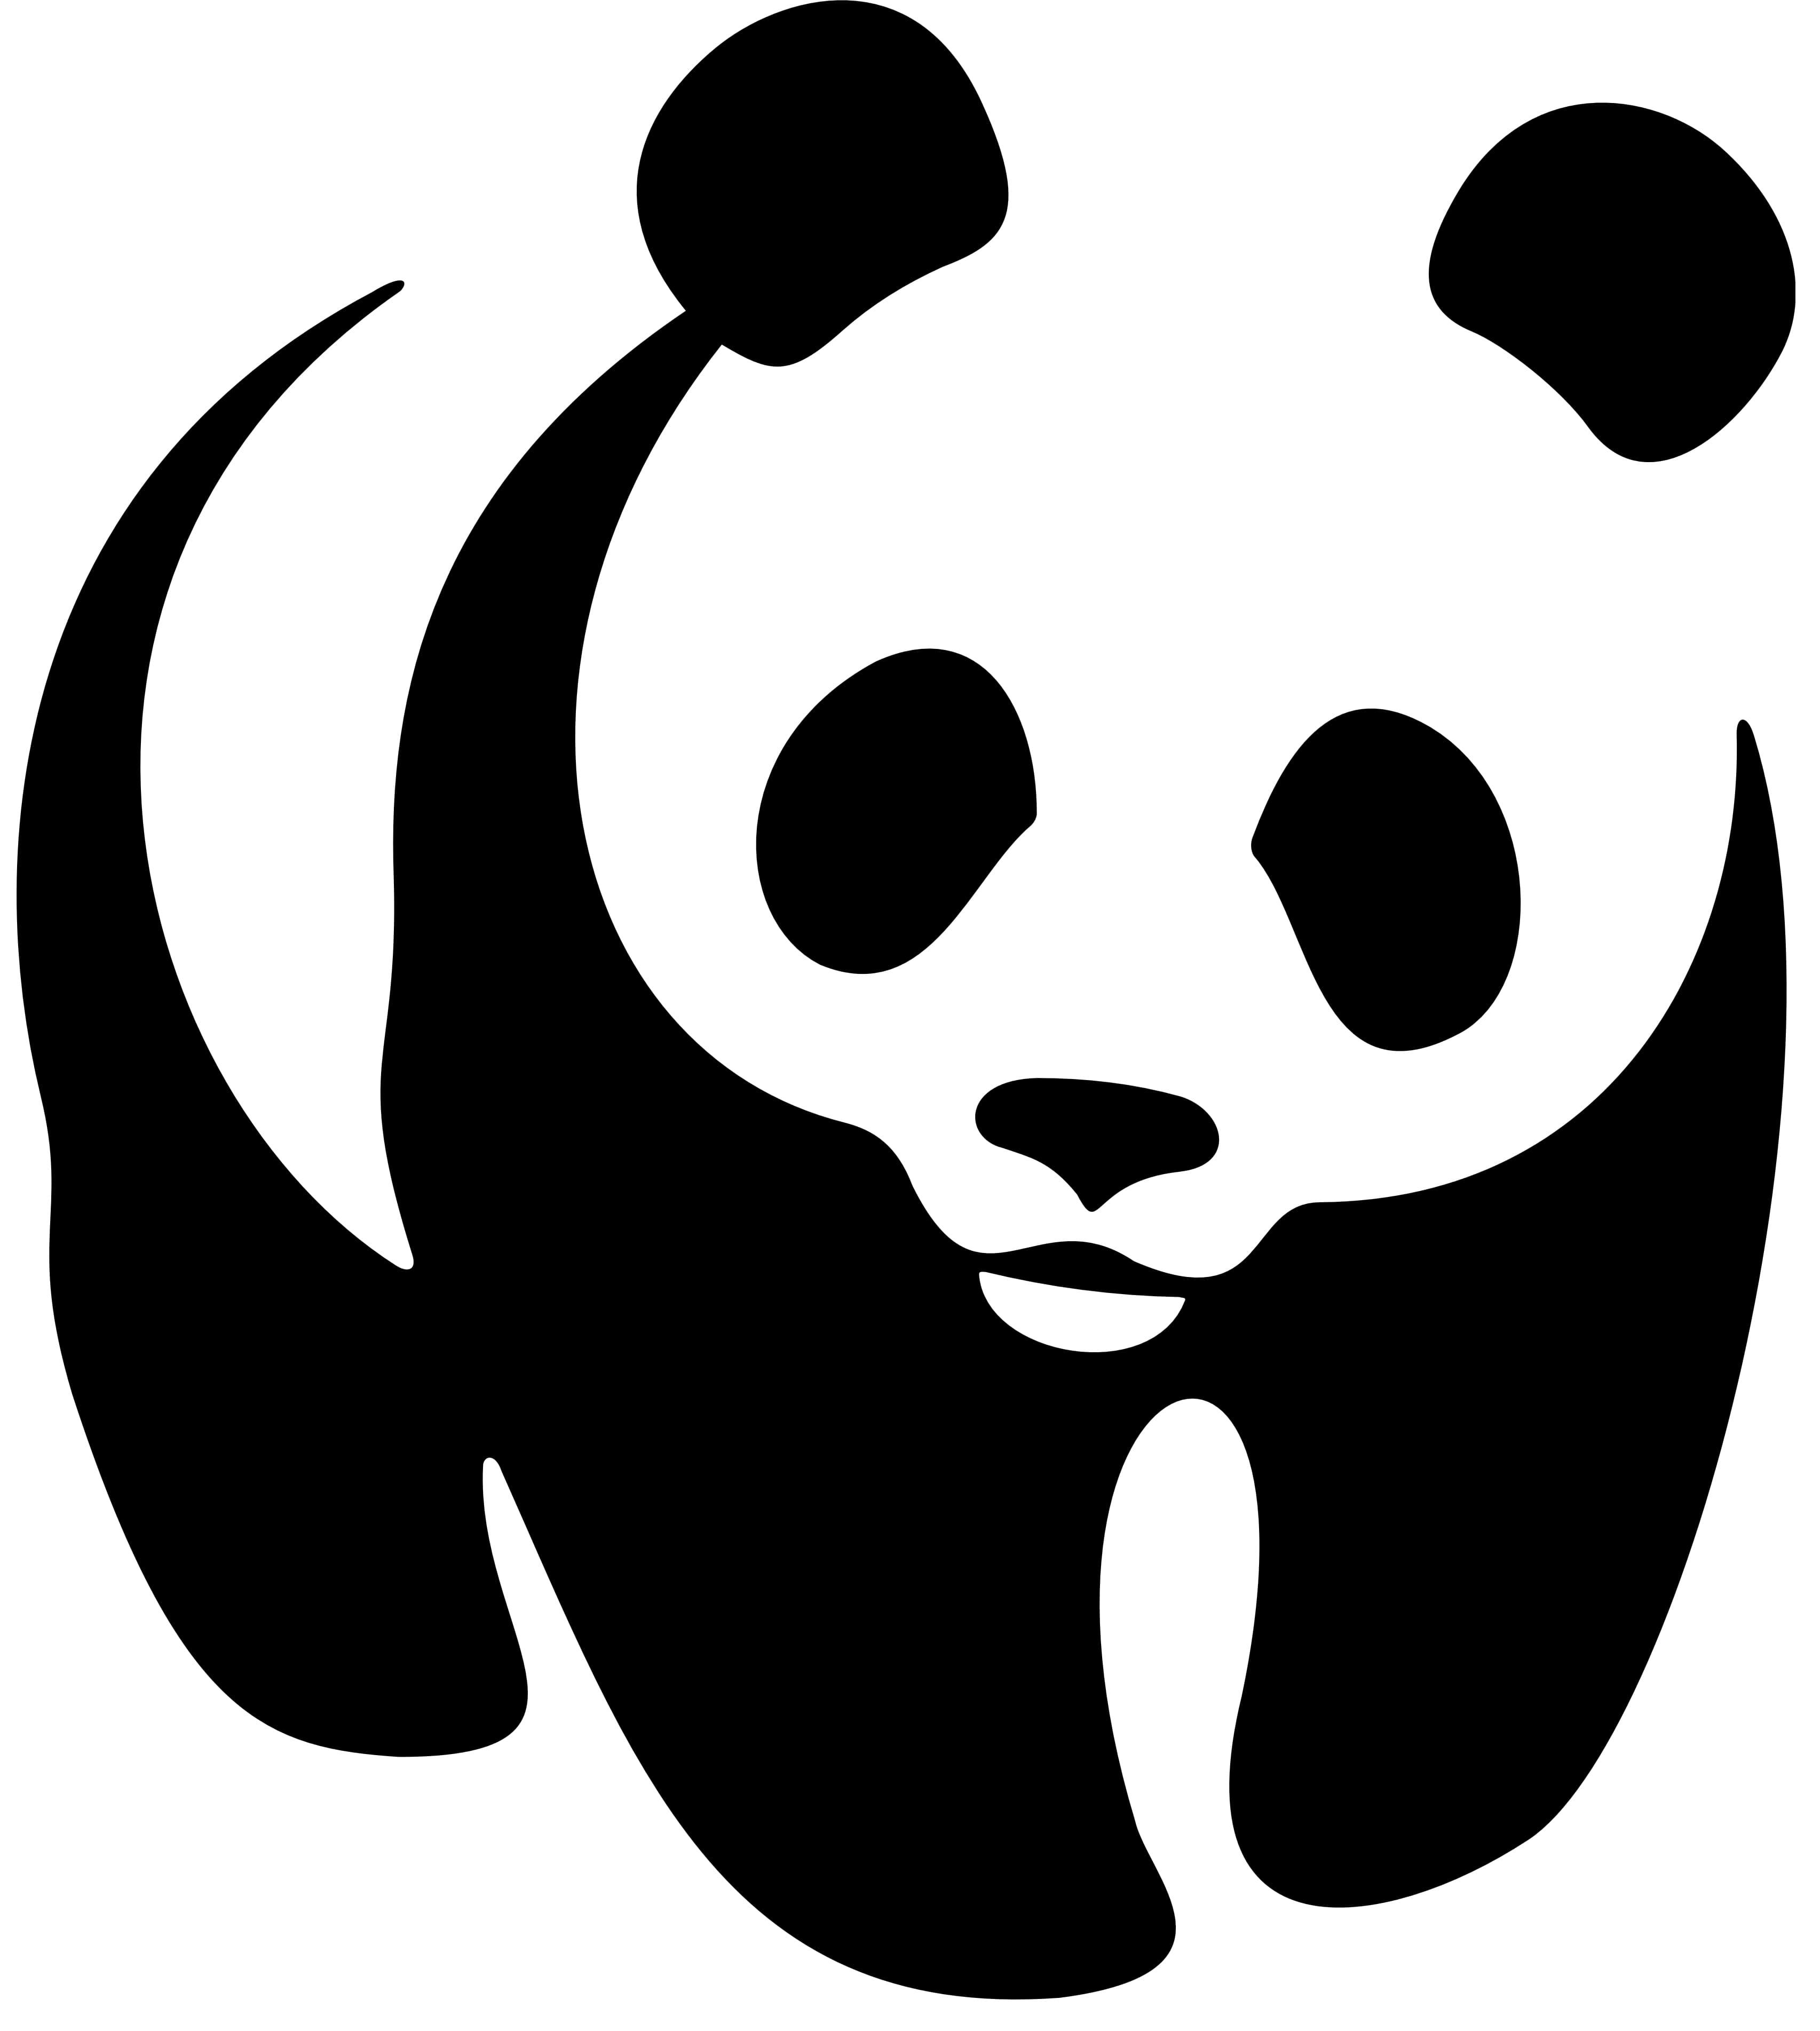 Прикольные логотипы и картинки